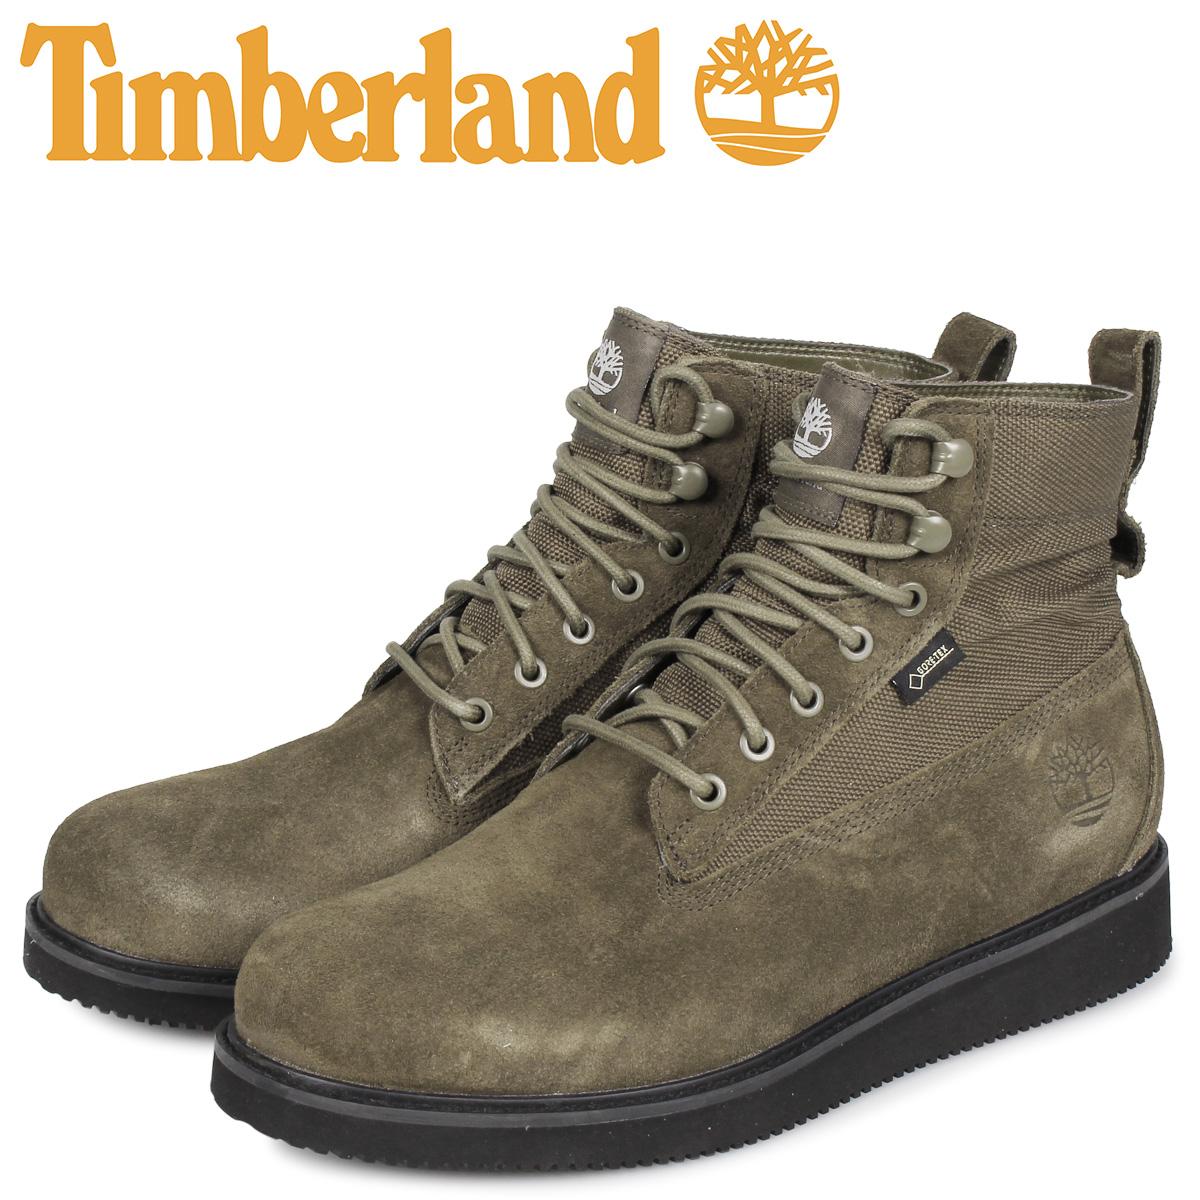 ティンバーランド Timberland ブーツ 6インチ プレミアム メンズ ウォータープルーフ 6INCH PREMIUM VIBRAM オリーブ A264H